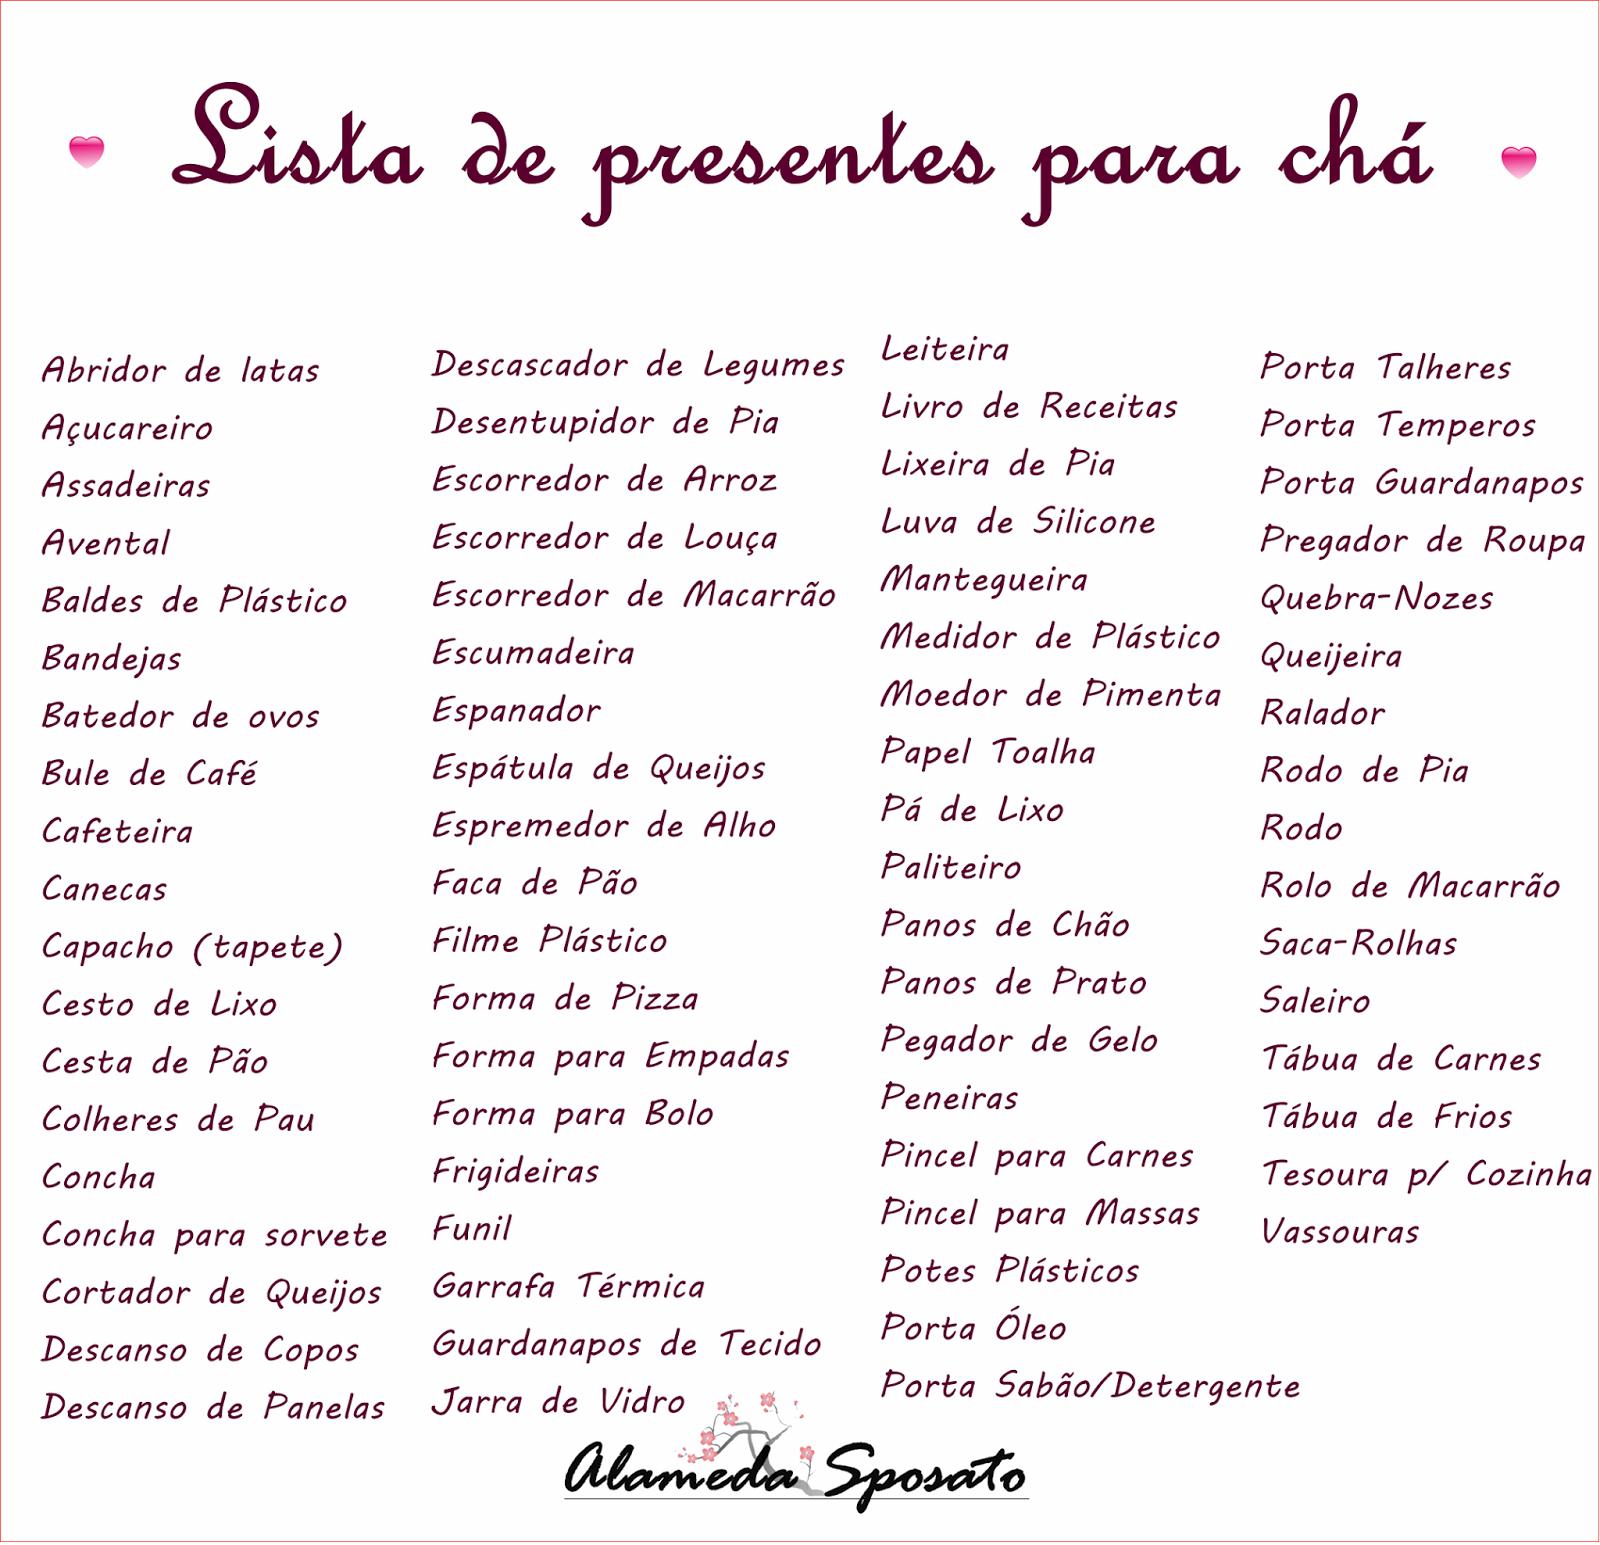 Famosos Lista De Presentes Para Ch De Cozinha Fp73 Ivango